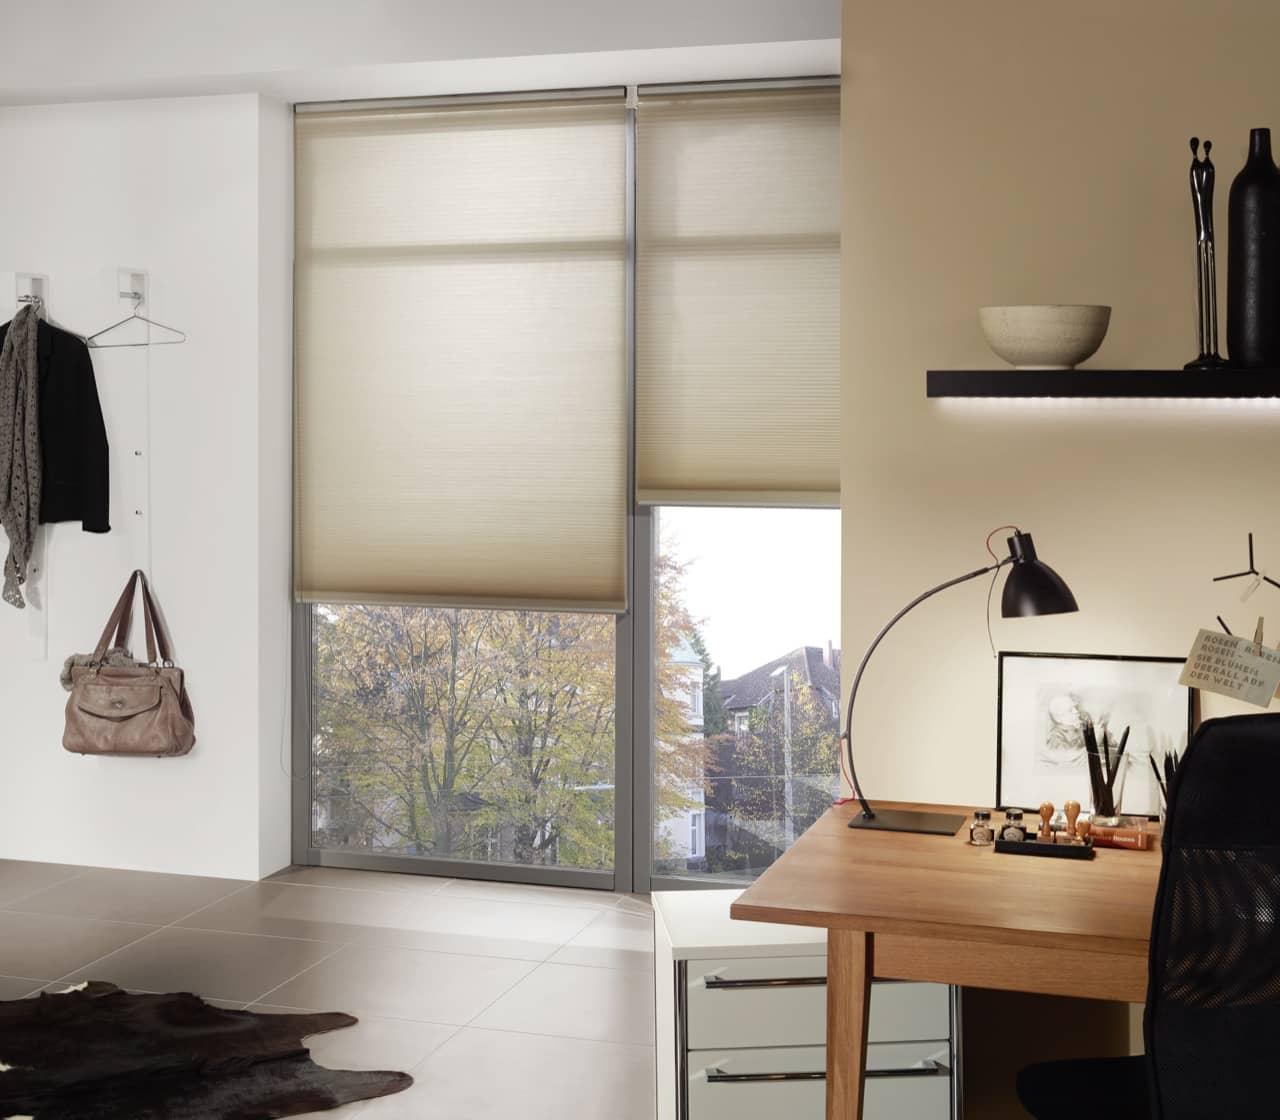 erfal wabenplissees fensterkonzepte schulze in k ln porz. Black Bedroom Furniture Sets. Home Design Ideas